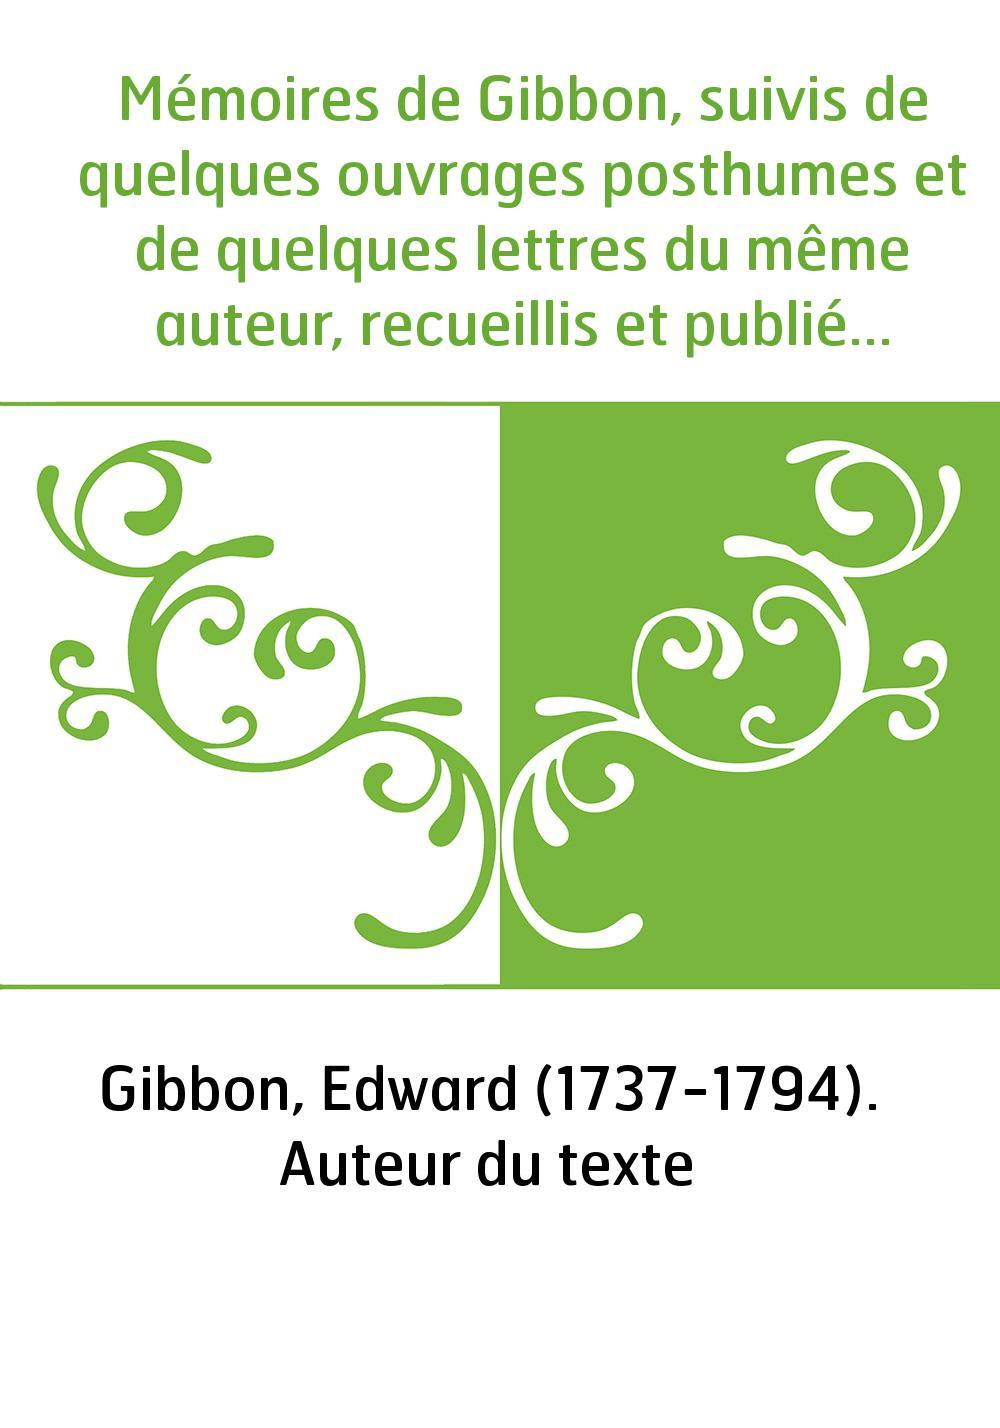 Mémoires de Gibbon, suivis de quelques ouvrages posthumes et de quelques lettres du même auteur, recueillis et publiés par lord